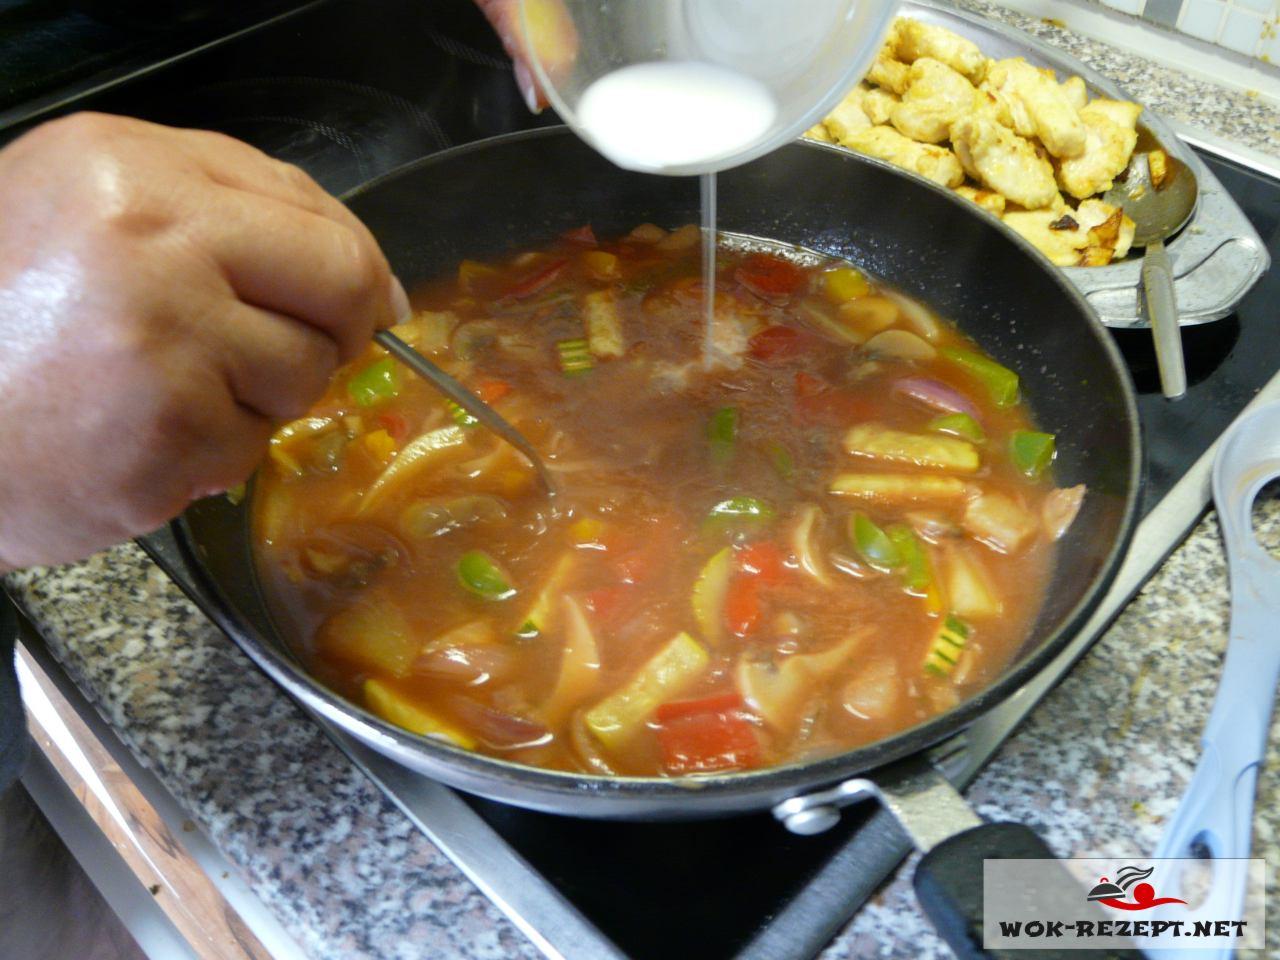 Sollte die Sauce zu dünnflüssig sein andicken mit Speisestärke.